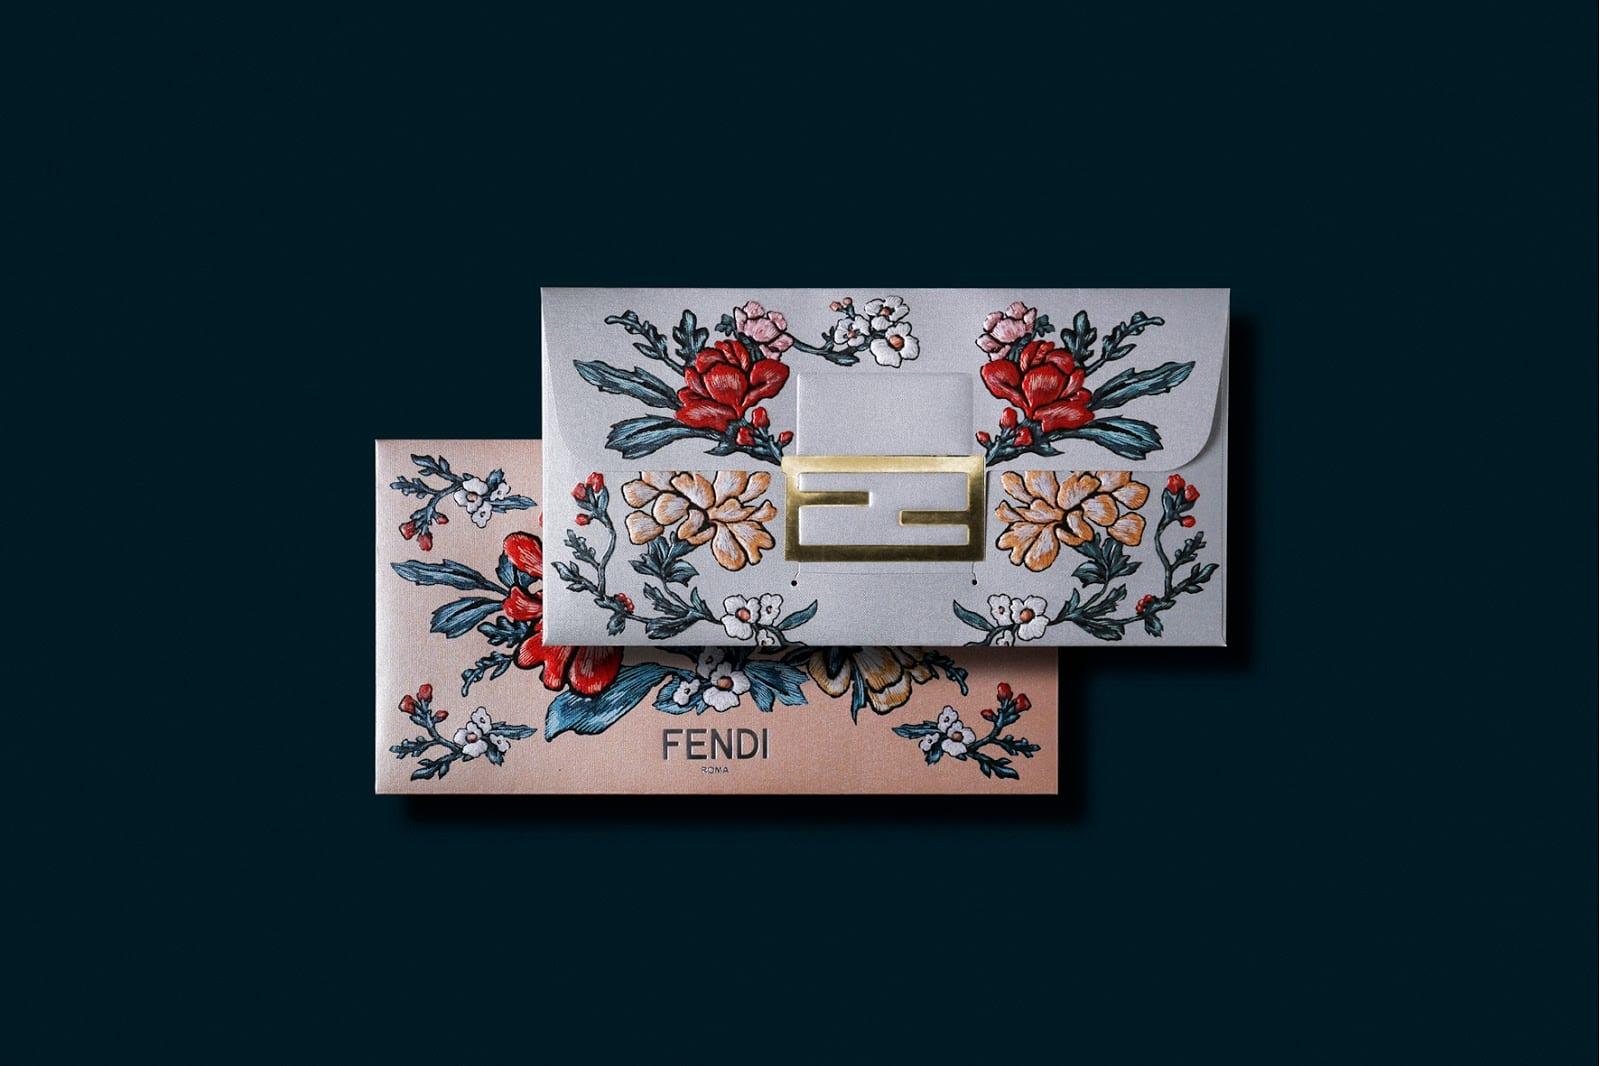 fendi cny redpocket 01 - Fendi Red Packet 2019